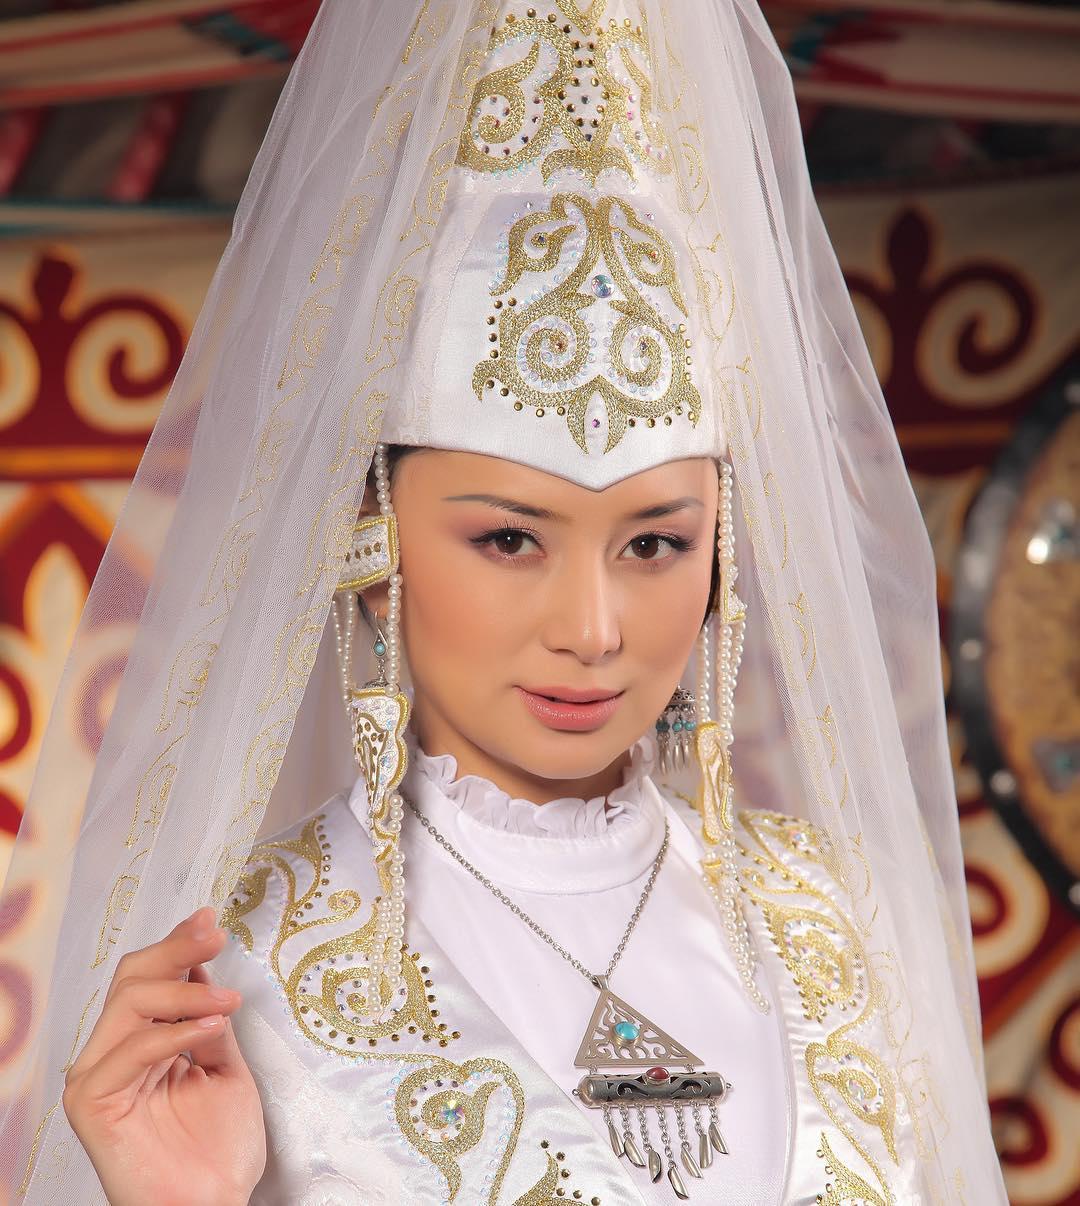 22個不同國家的「絕美傳統婚紗」 波蘭新娘根本「森林的精靈」!